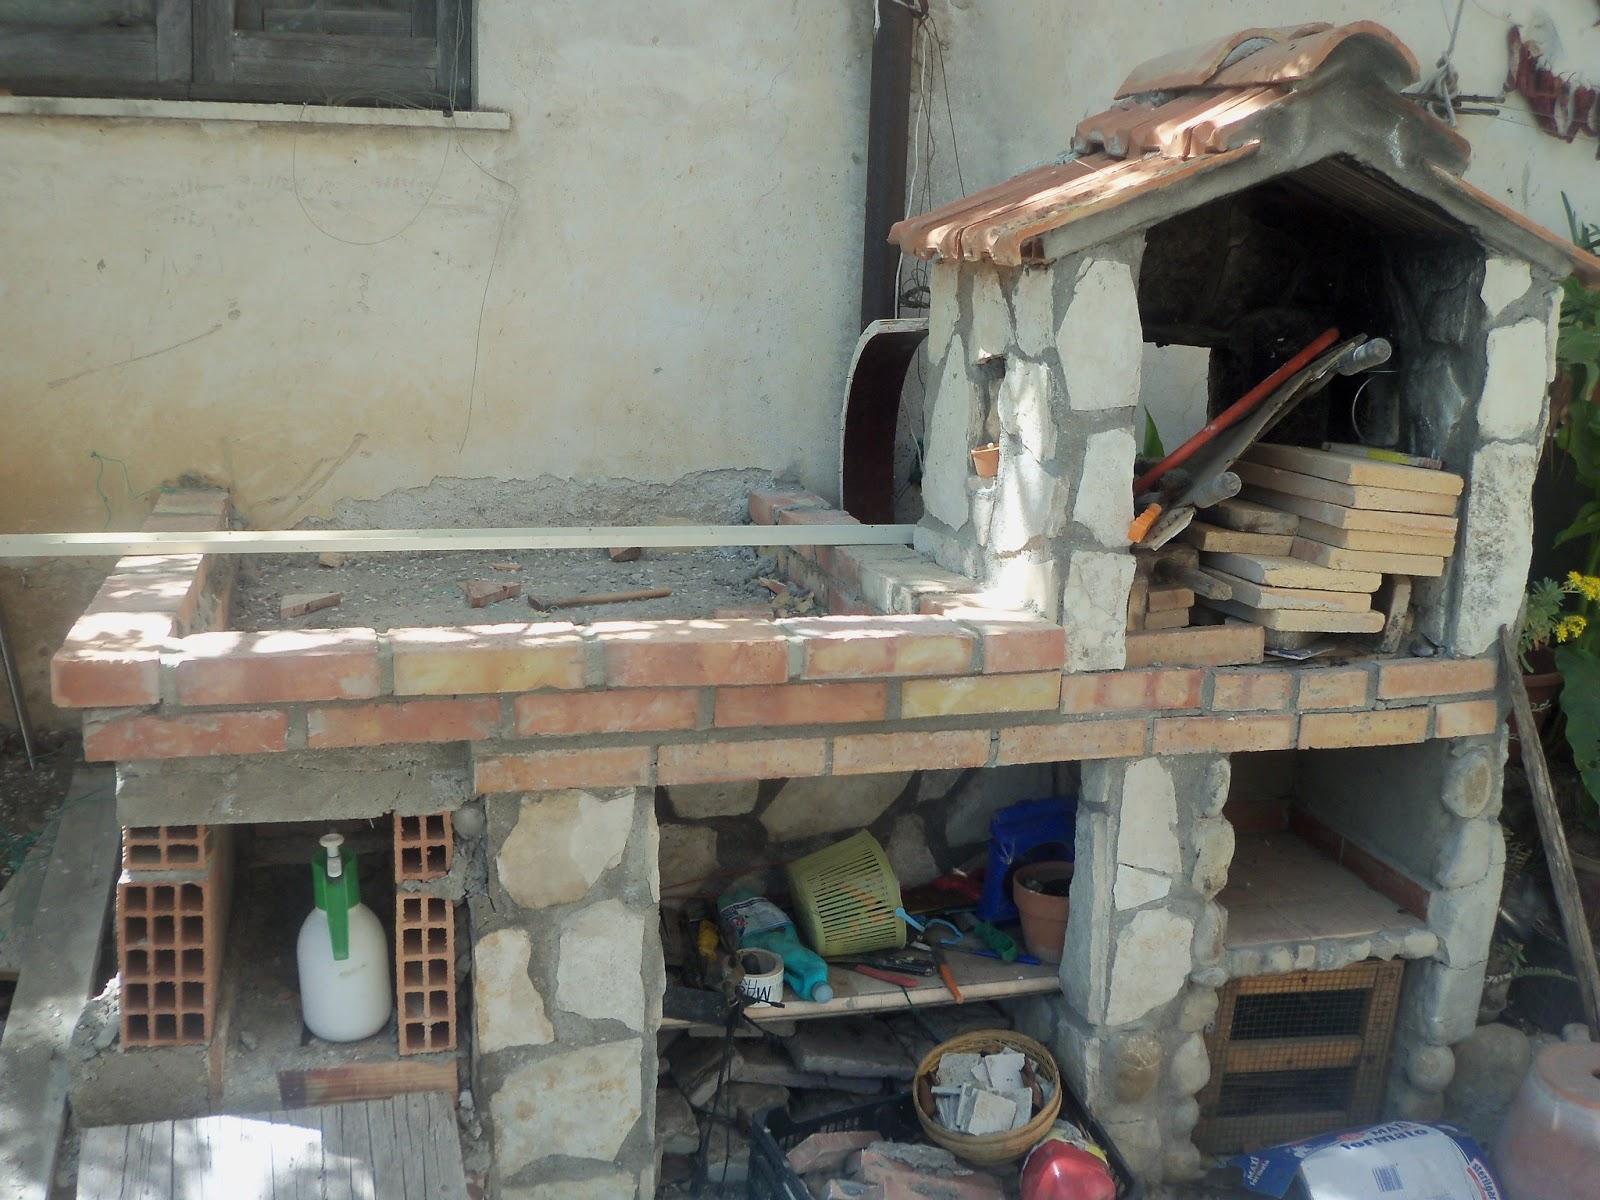 La cucina dello stregone costruzione fai da te per un for Cucine in muratura fai da te